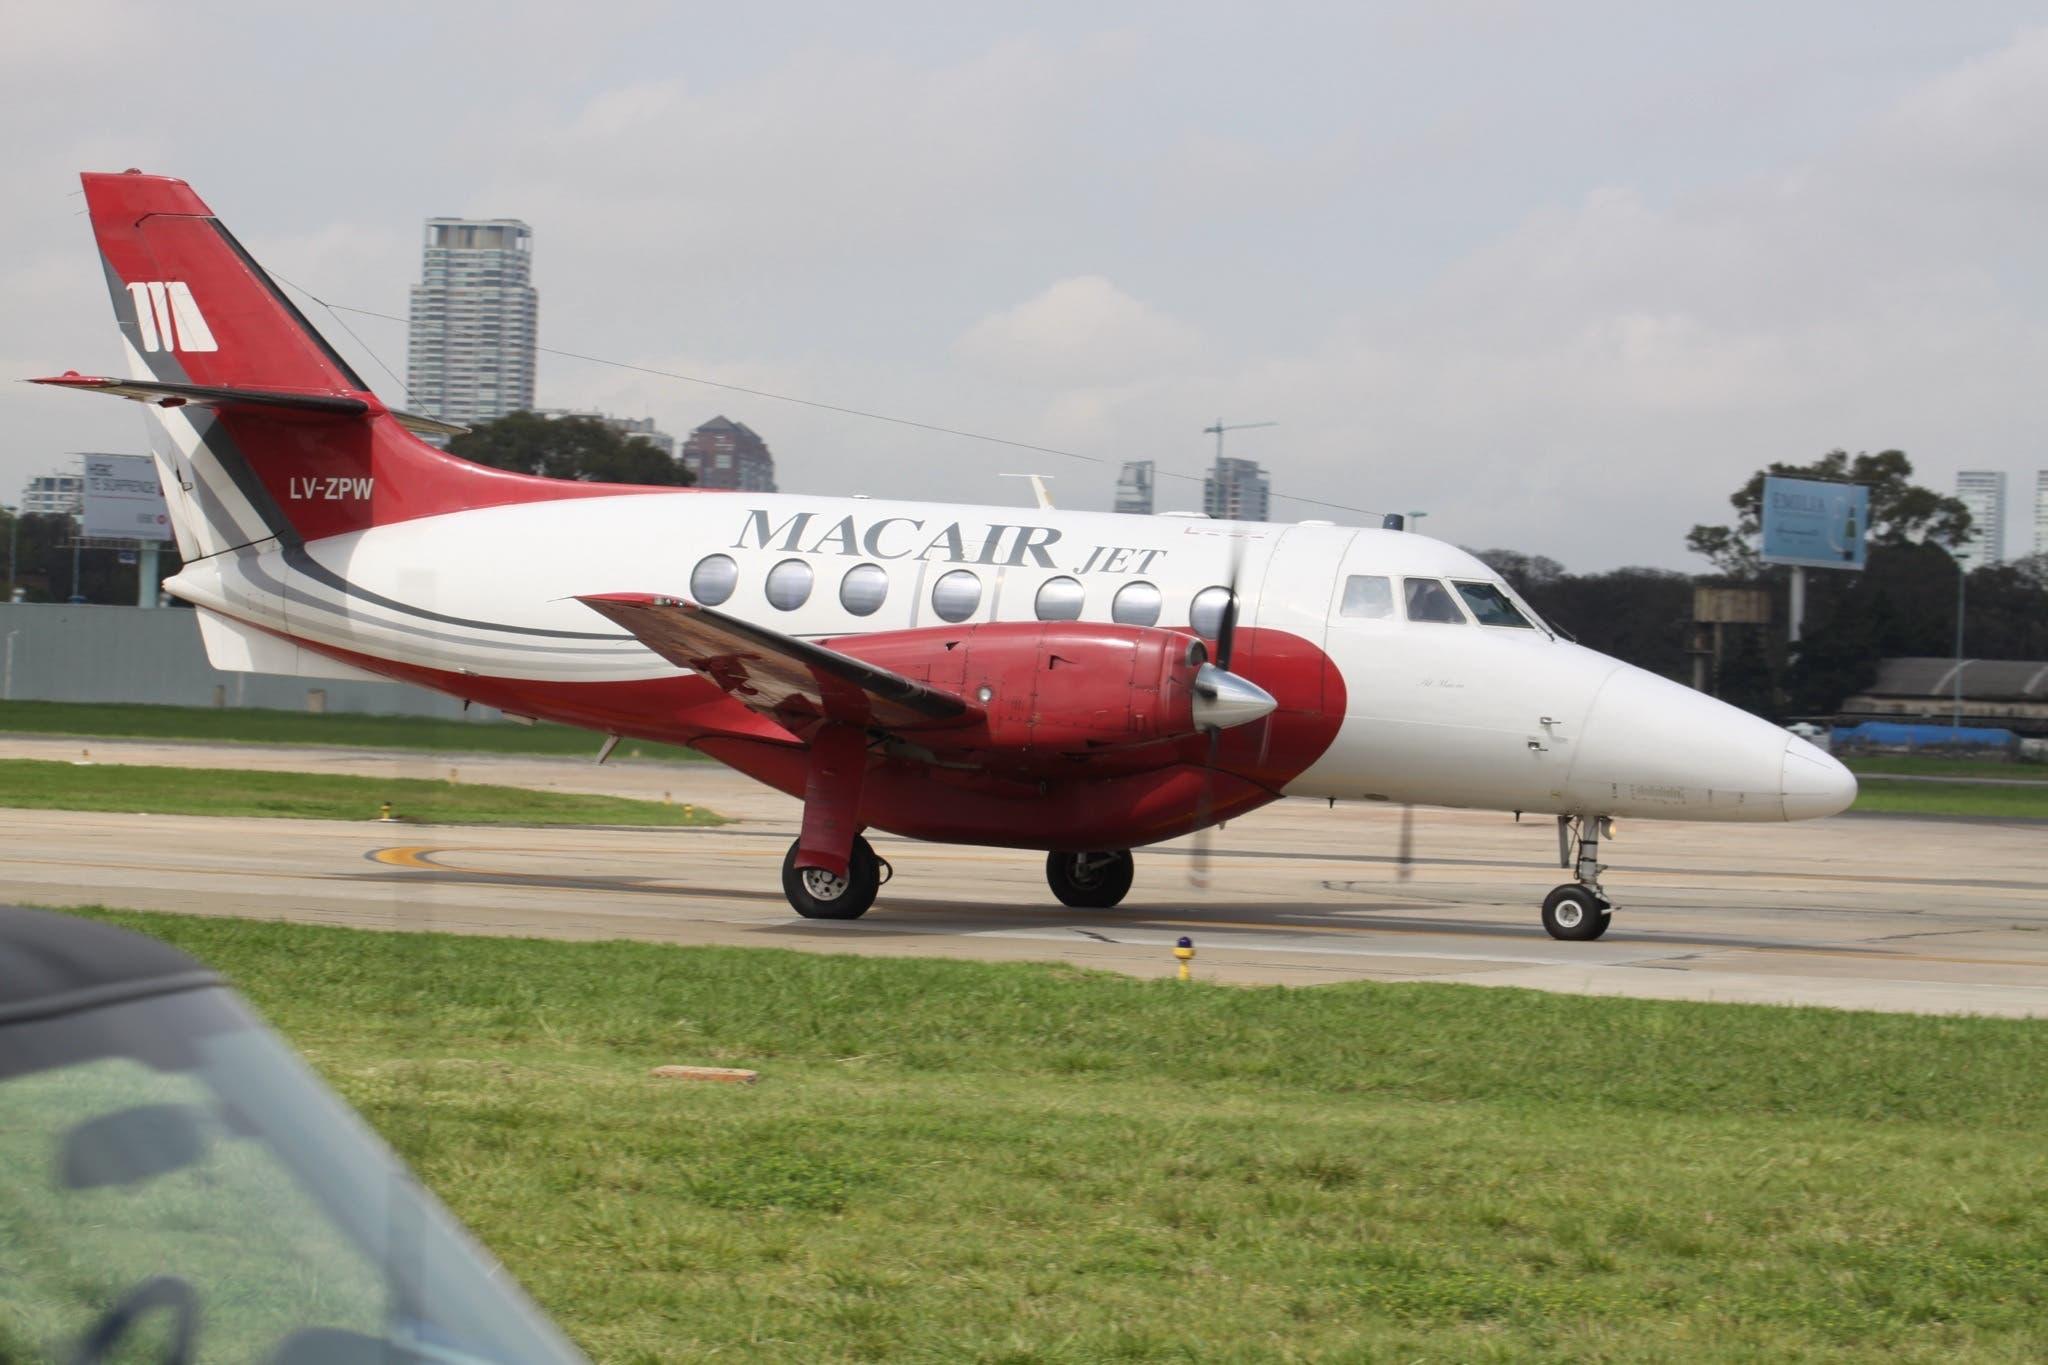 Macair Jet